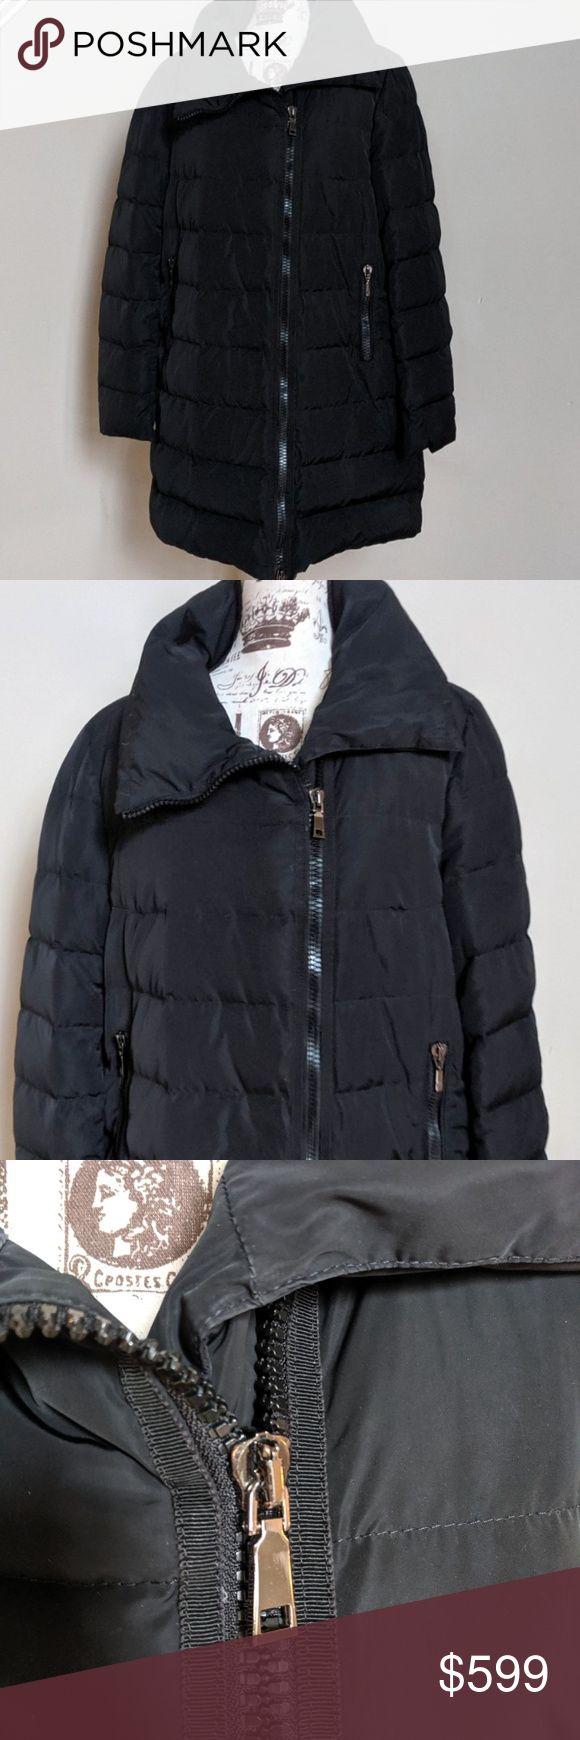 Moncler Women's Jacket GERBOISE Down Coat 5 XXL Moncler